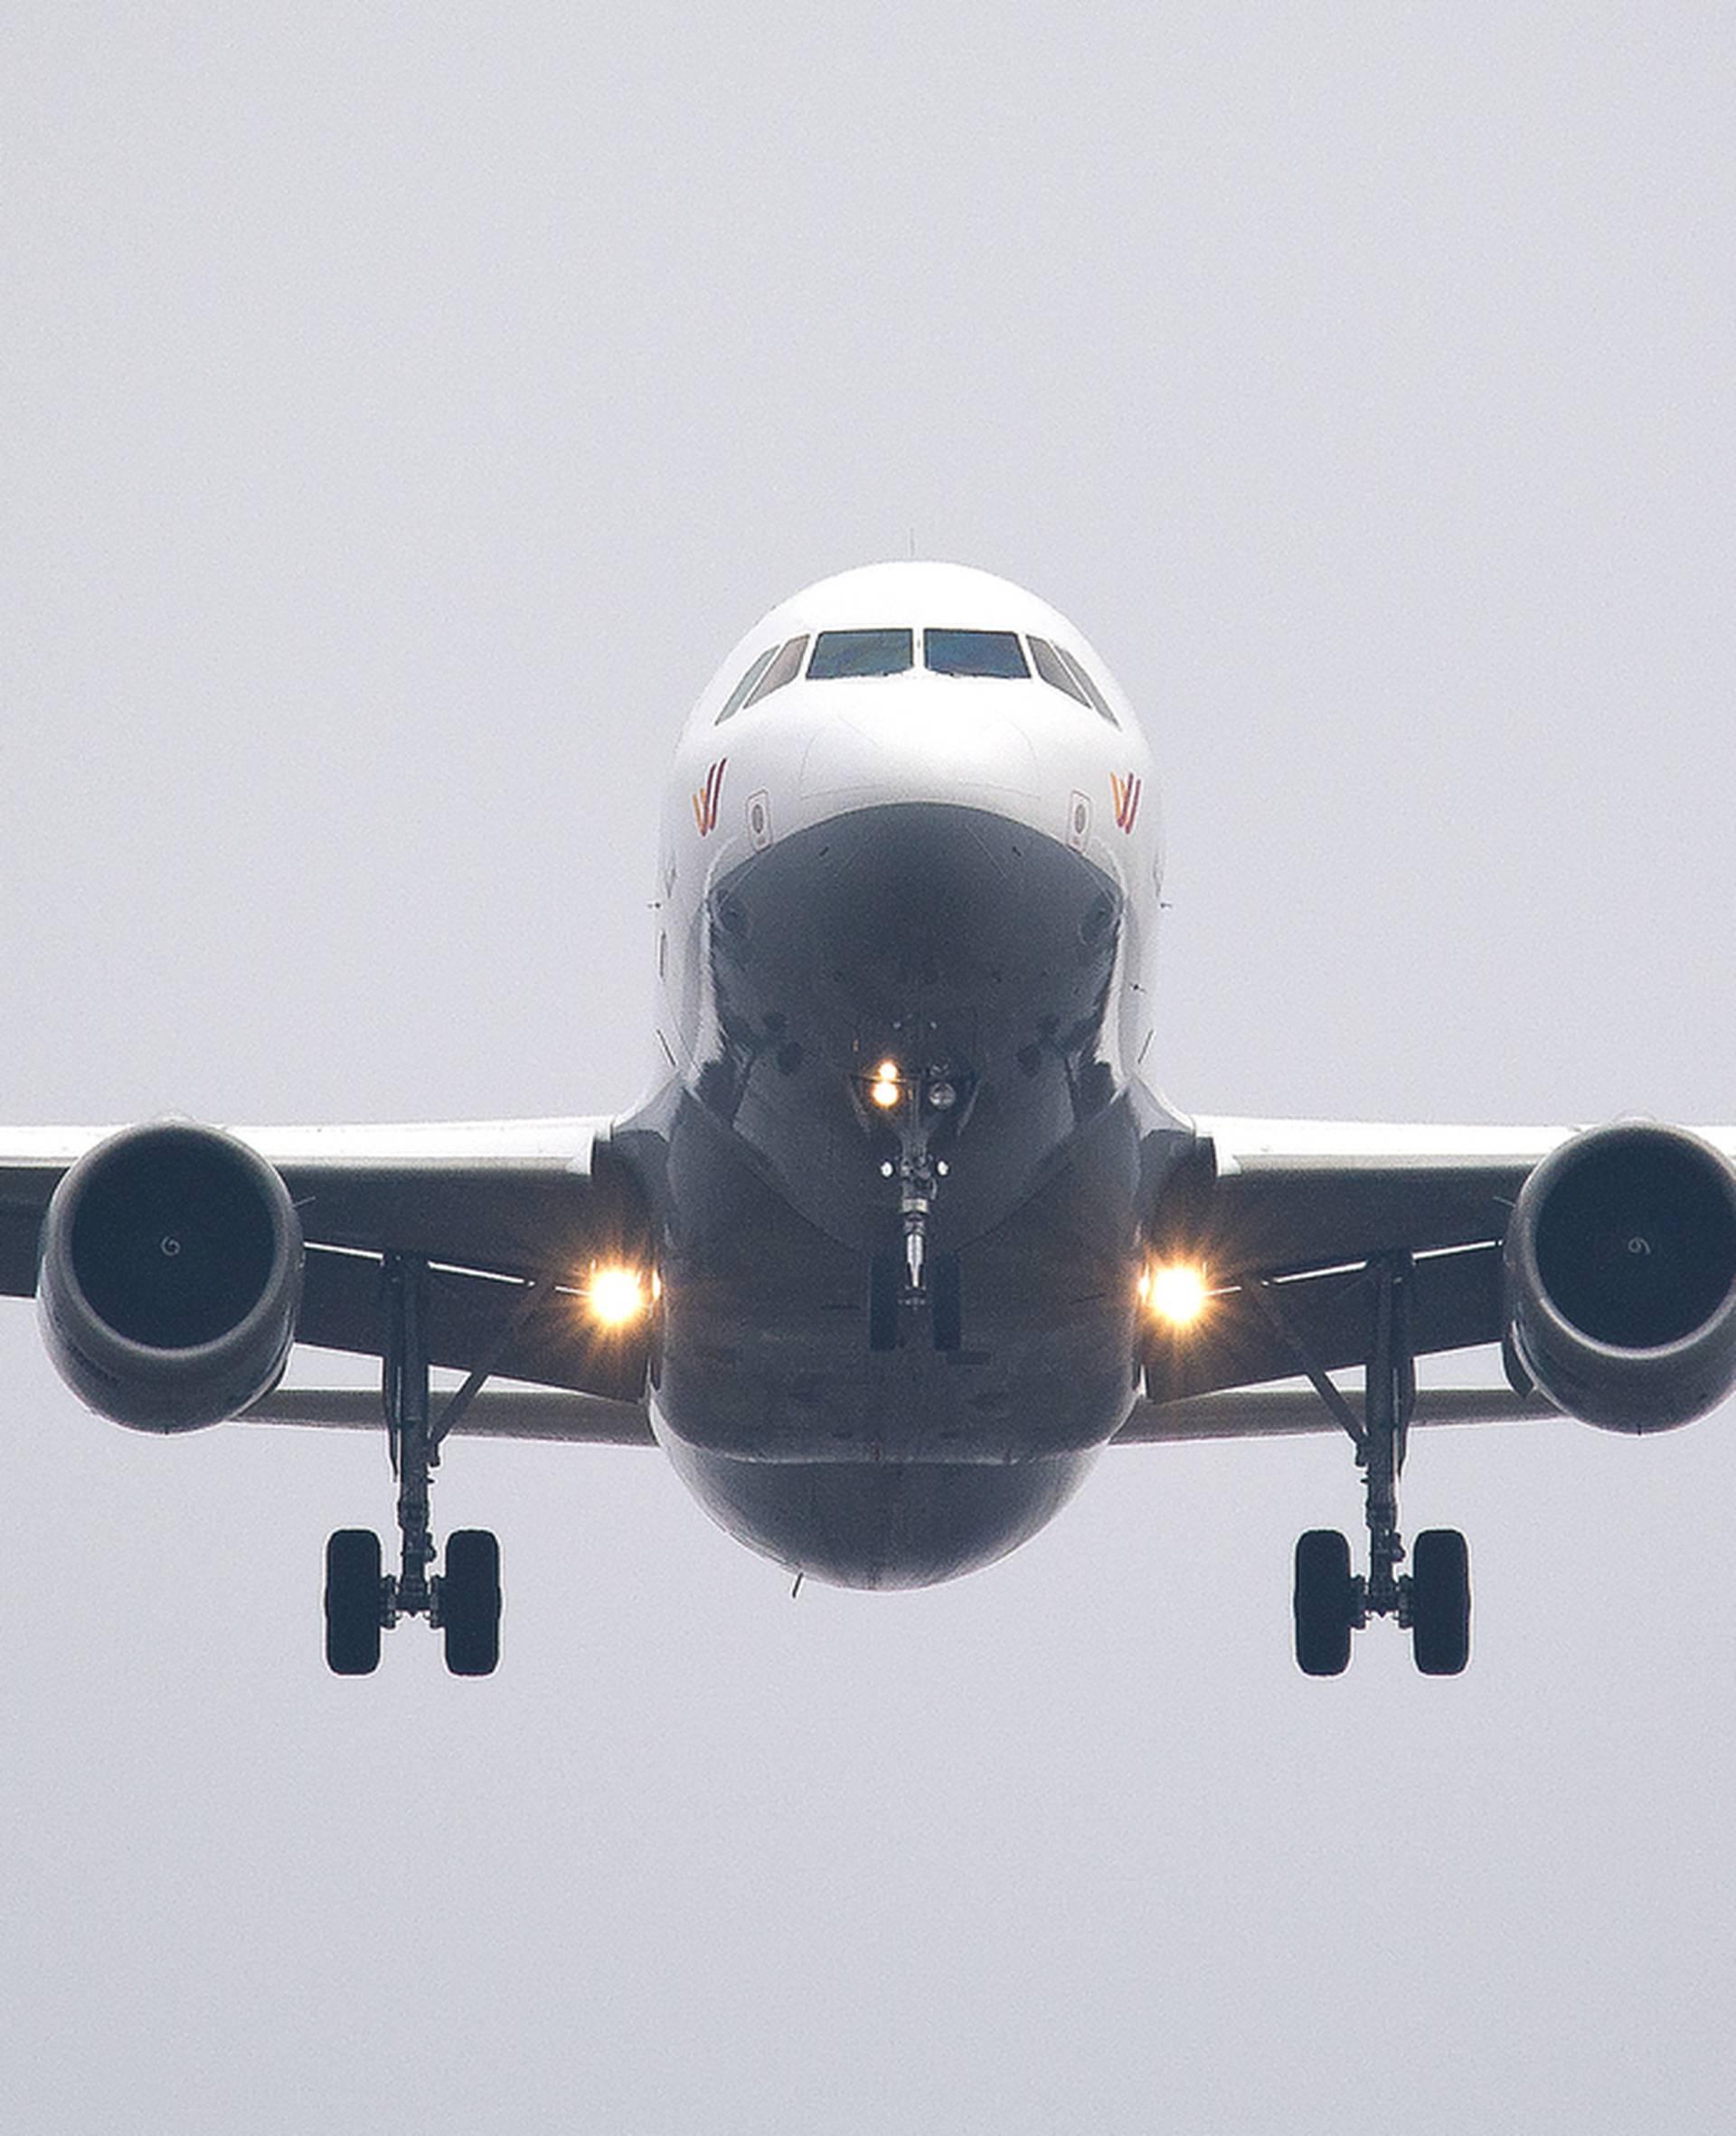 Riješen misterij: Ovo je razlog zbog kojeg su avioni bijele boje